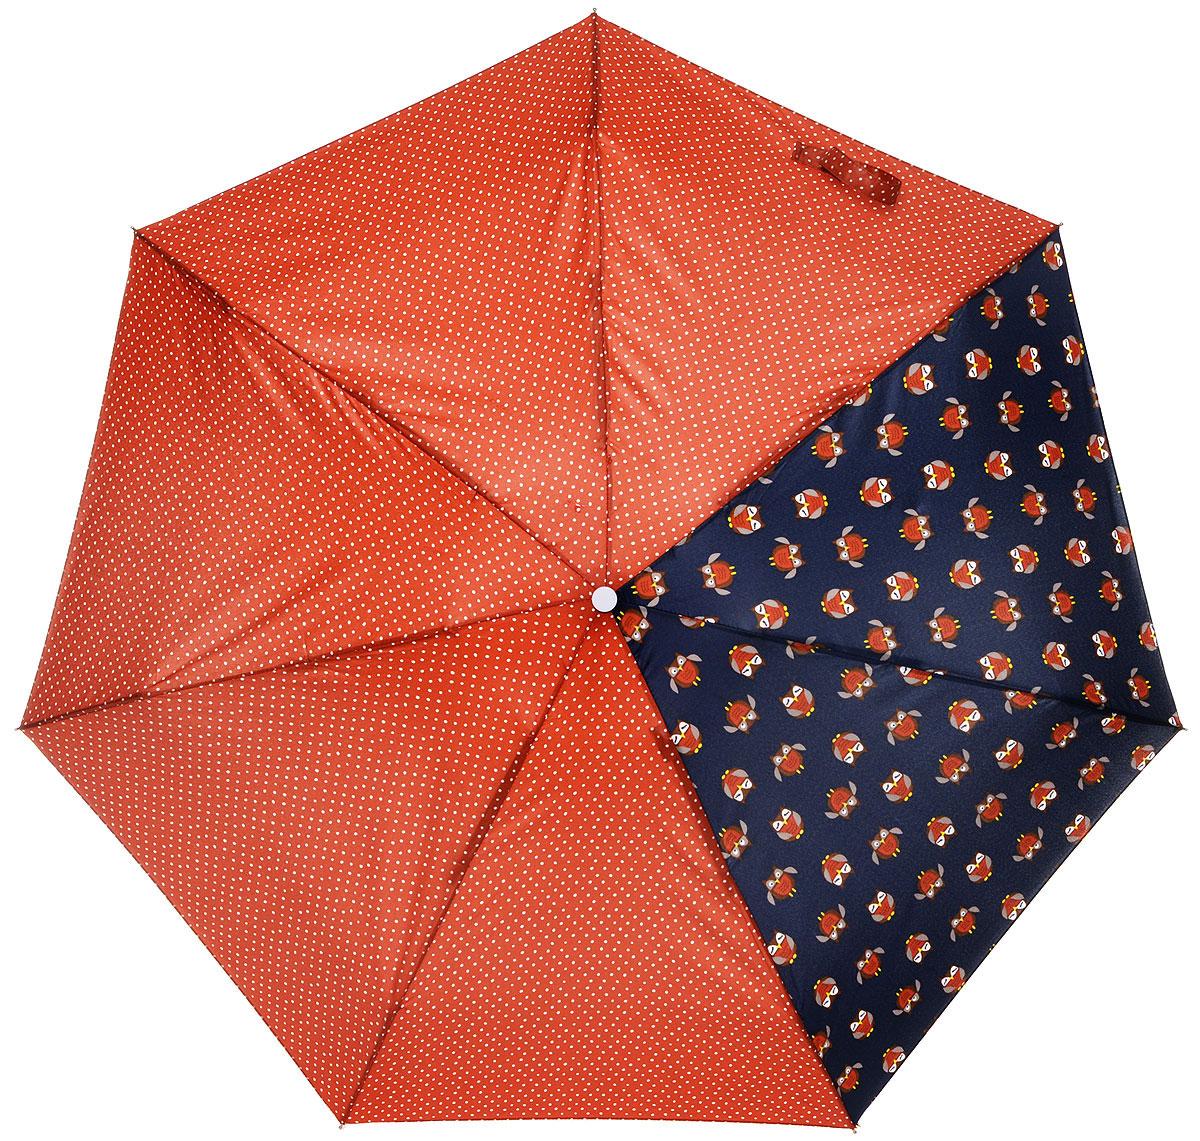 Зонт женский Labbra, механика, 5 сложений, цвет: кирпичный, синий. M5-05-037M5-05-037Яркий зонт Labbra не оставит вас незамеченной. Зонт оформлен принтом в горох и рисунками сов. Стержень изделия изготовлен из алюминия. Зонт состоит из семи спиц, изготовленных из фибергласса и алюминия, дополнен ручкой из пластика. Купол выполнен из качественного полиэстера, который не пропускает воду. Зонт имеет механический способ сложения: и купол, и стержень открываются вручную до характерного щелчка. Ручка дополнена петлей, благодаря которой зонт можно носить на запястье. К зонту прилагается чехол. Практичный аксессуар даже в ненастную погоду позволит вам оставаться стильной и элегантной.